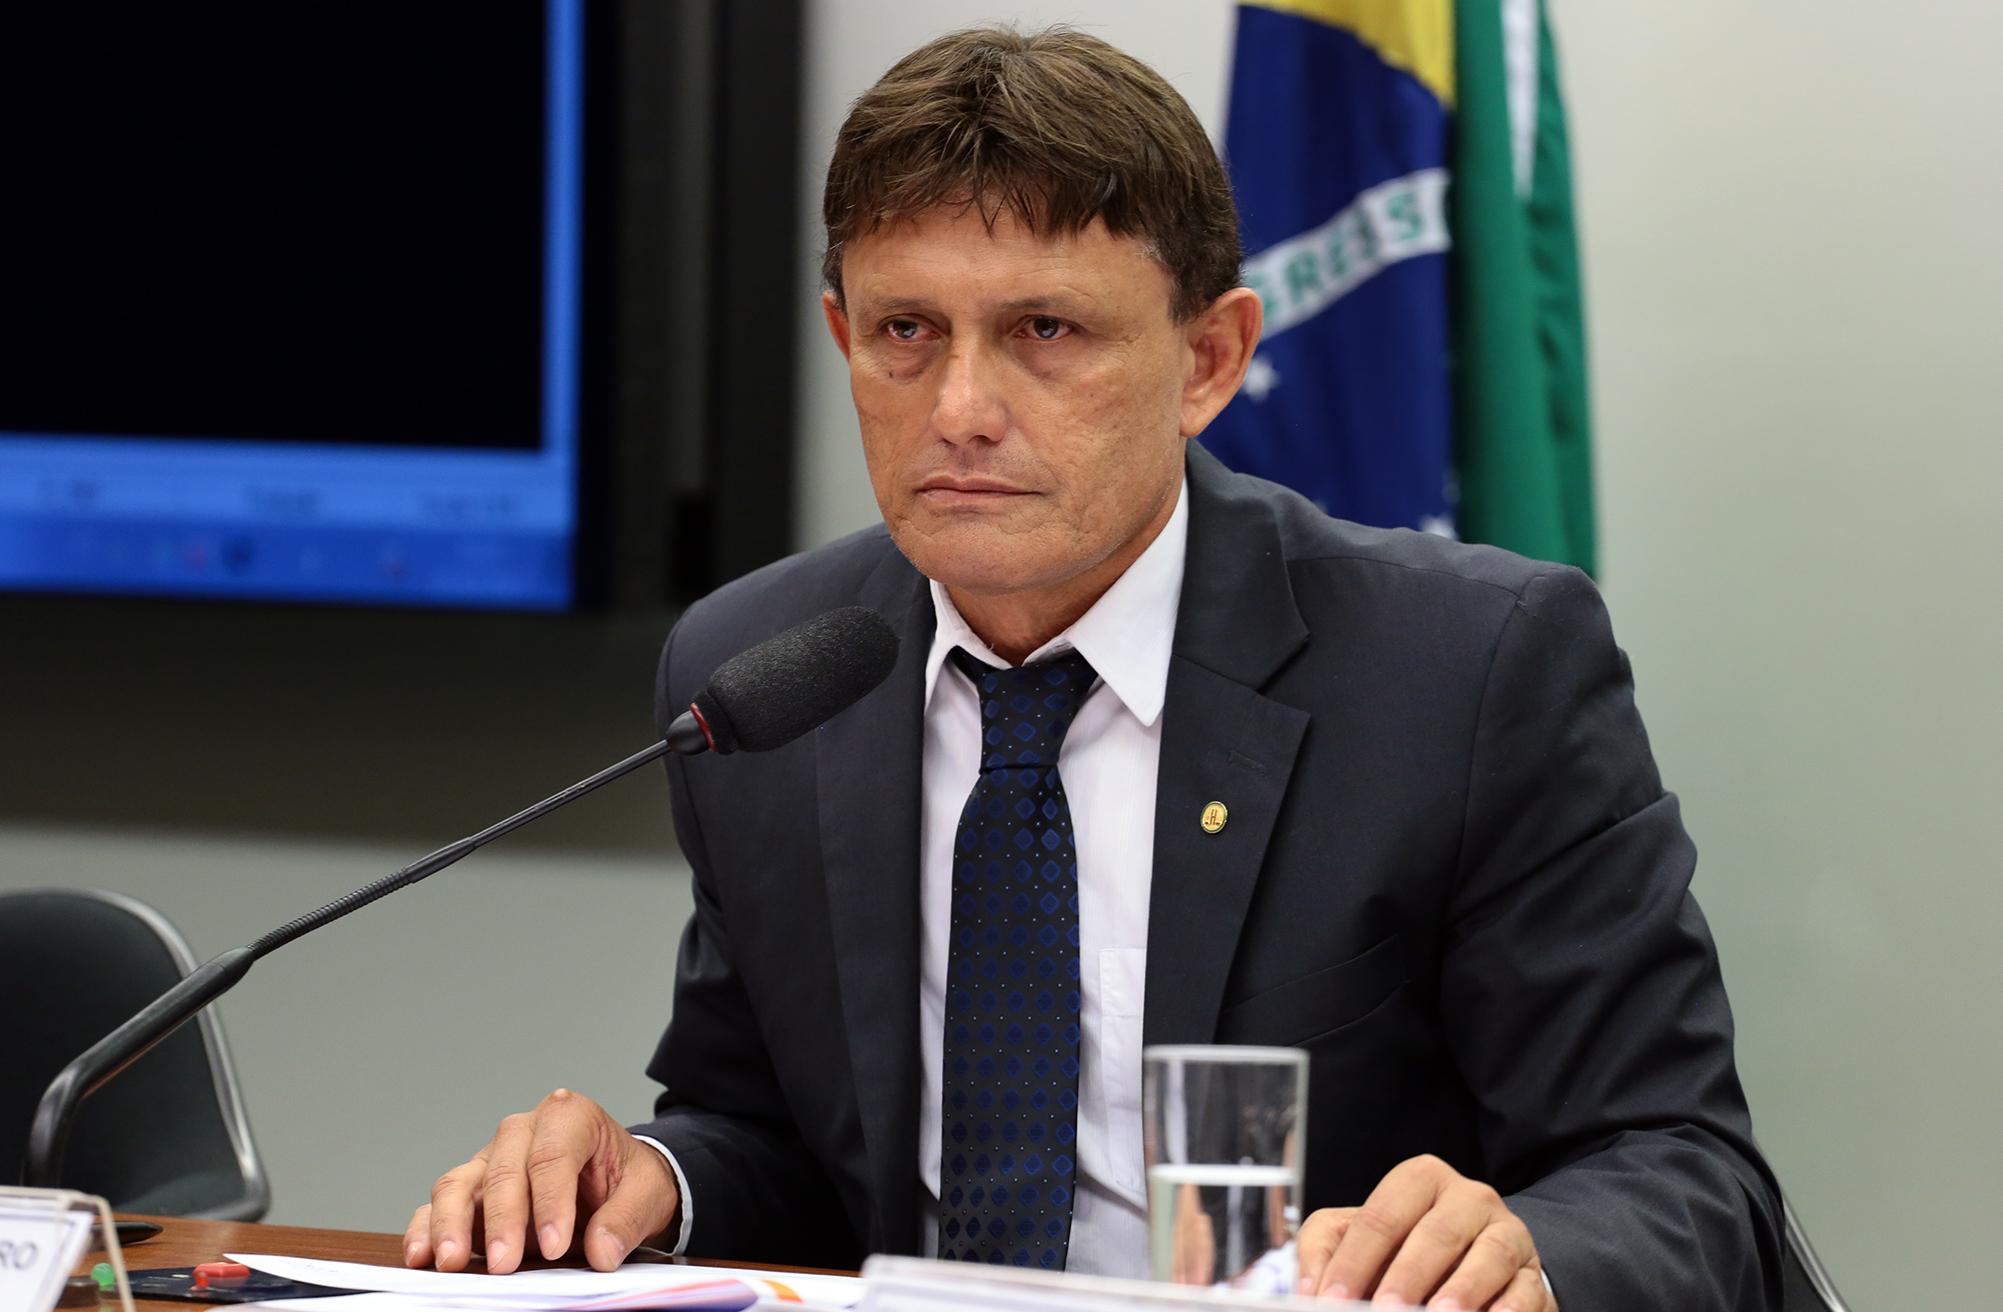 Audiência Pública sobre as medidas cautelares pessoais. Dep. Delegado Éder Mauro (PSD - PA)